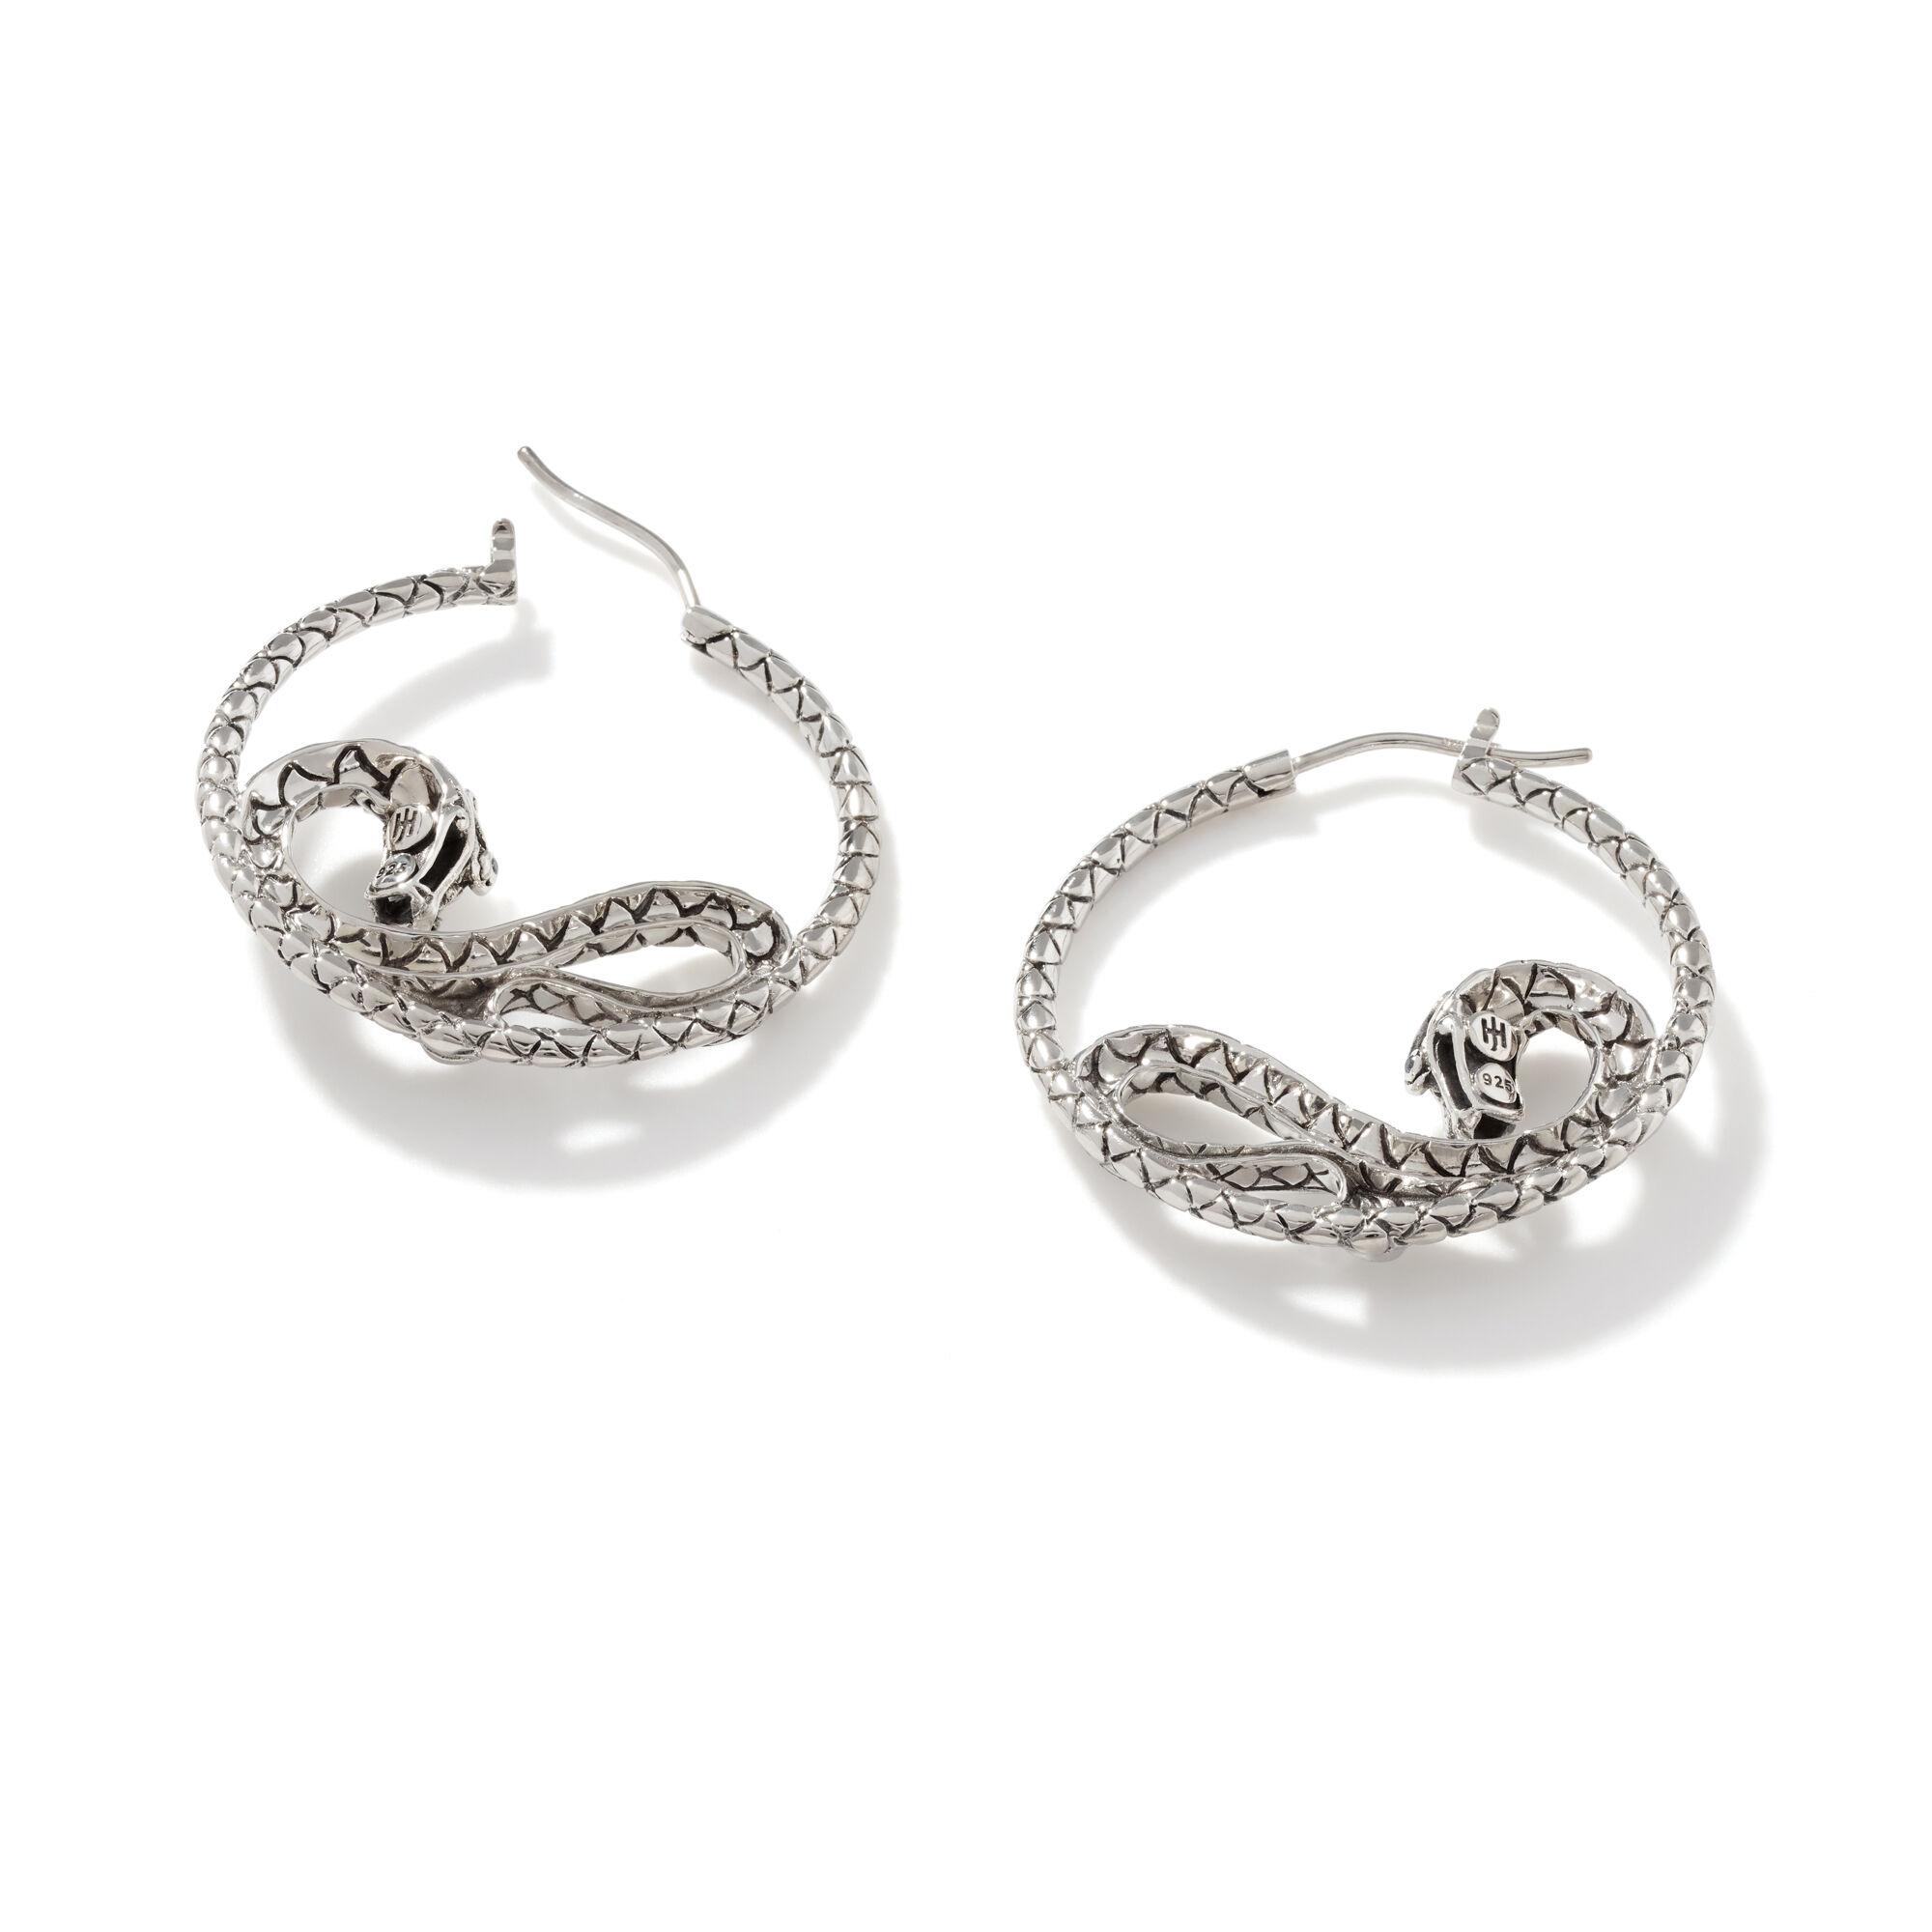 Legends Naga Medium Hoop Earrings in Silver, , large